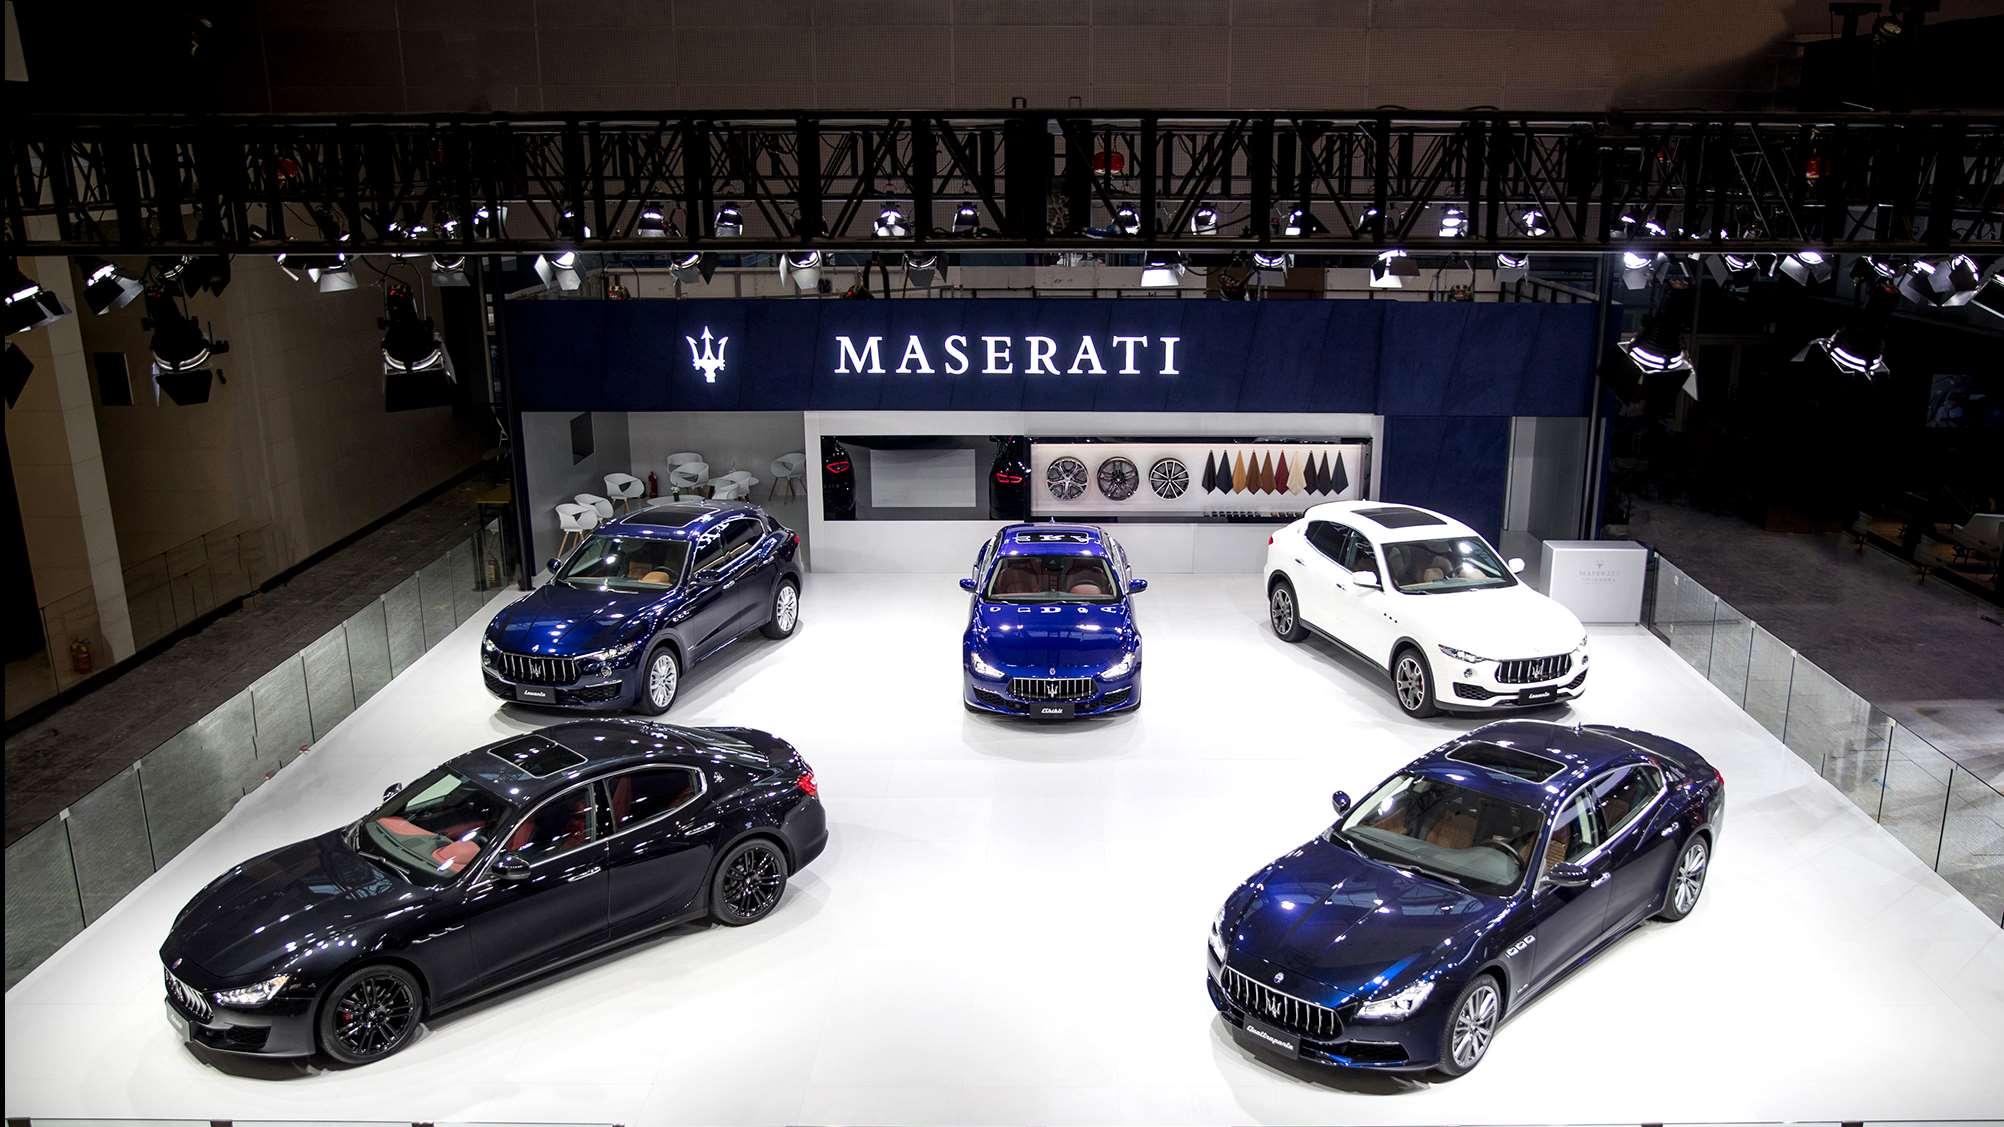 2019广州车展 | 玛莎拉蒂全球限量版及全系车型亮相